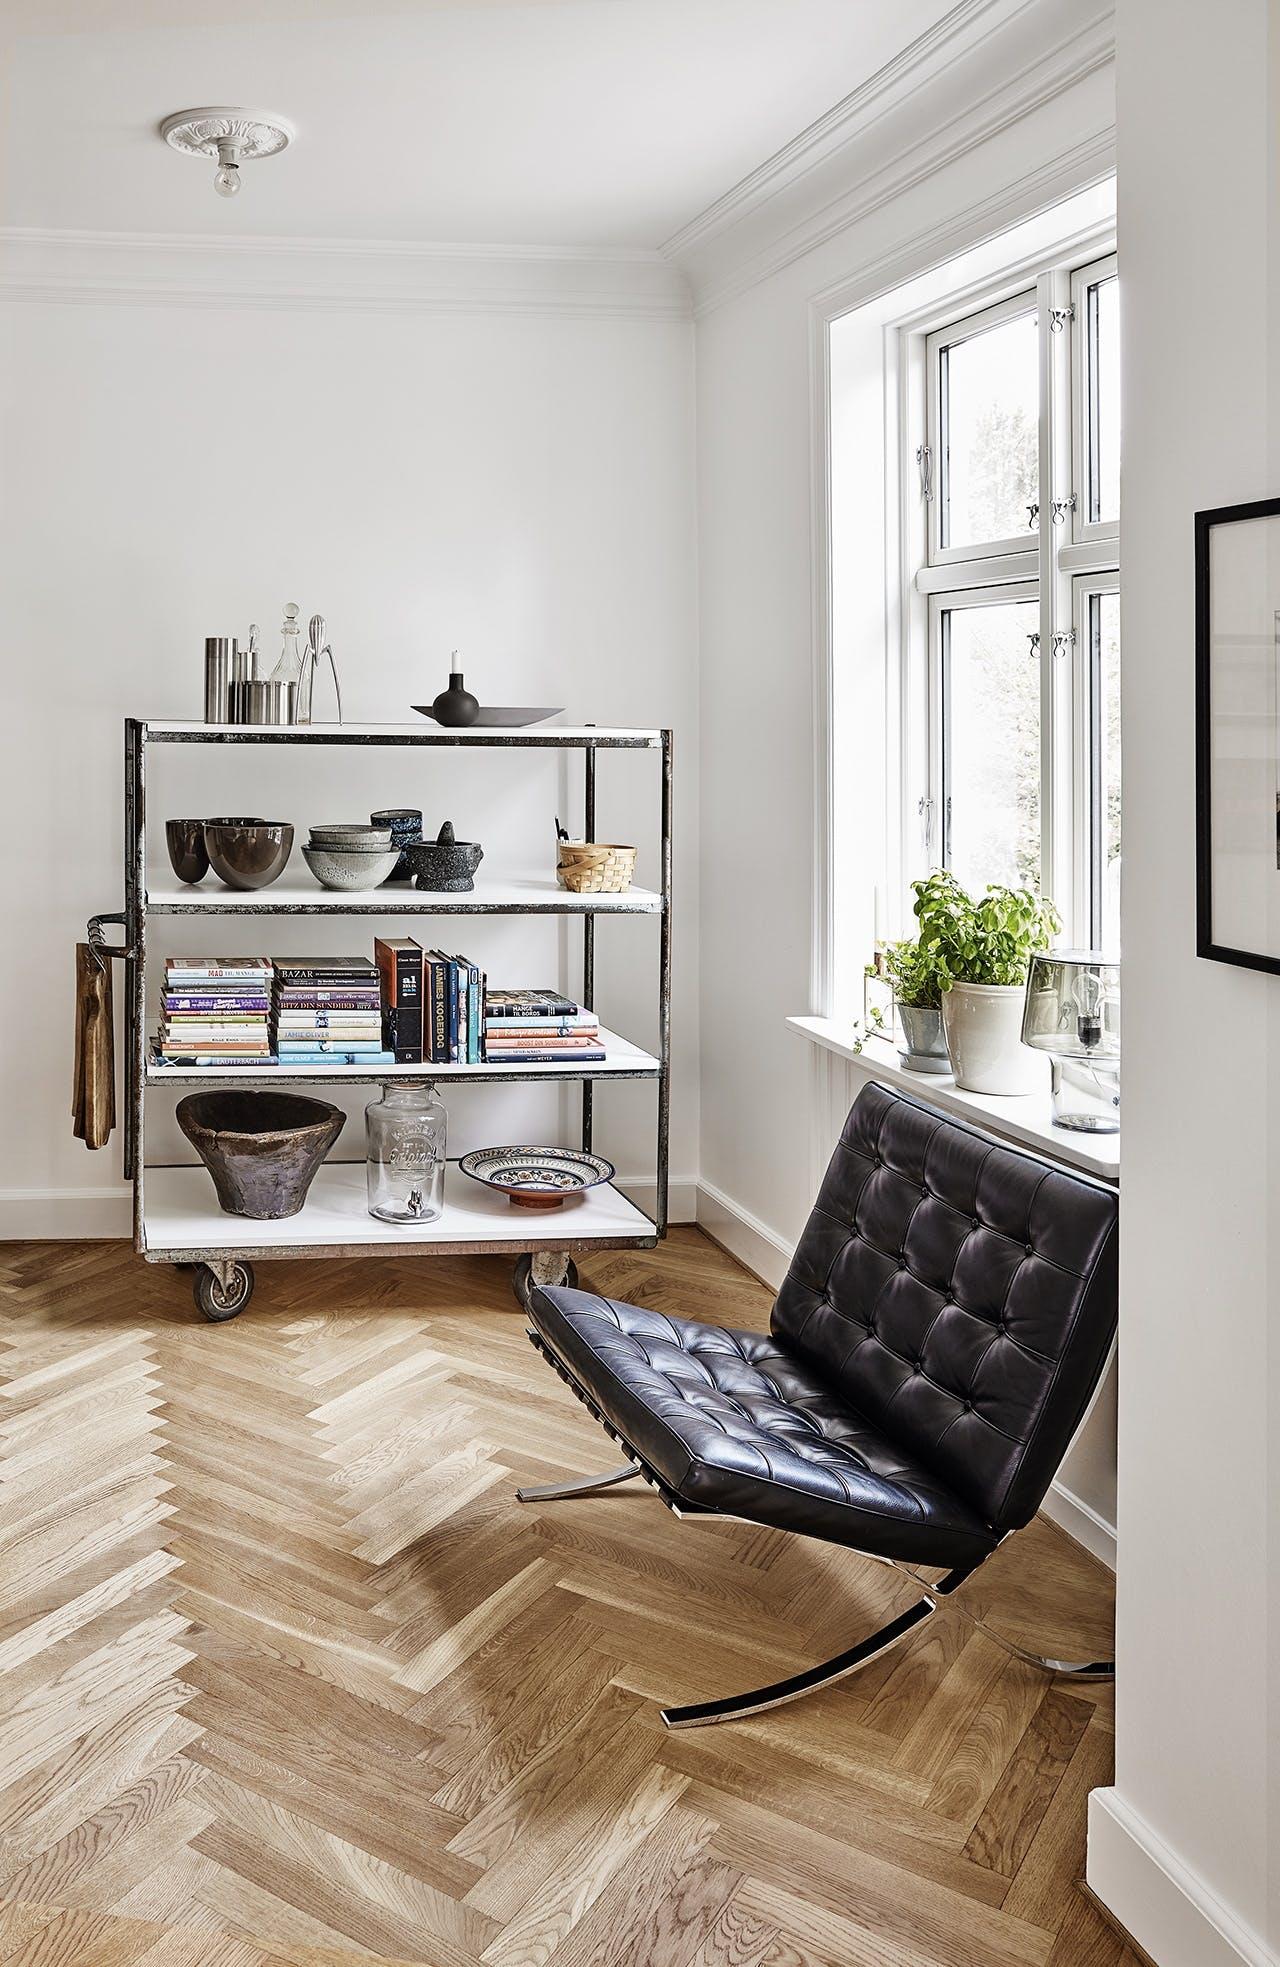 villa herskabsvilla indretning bolig stue sofa stol reol